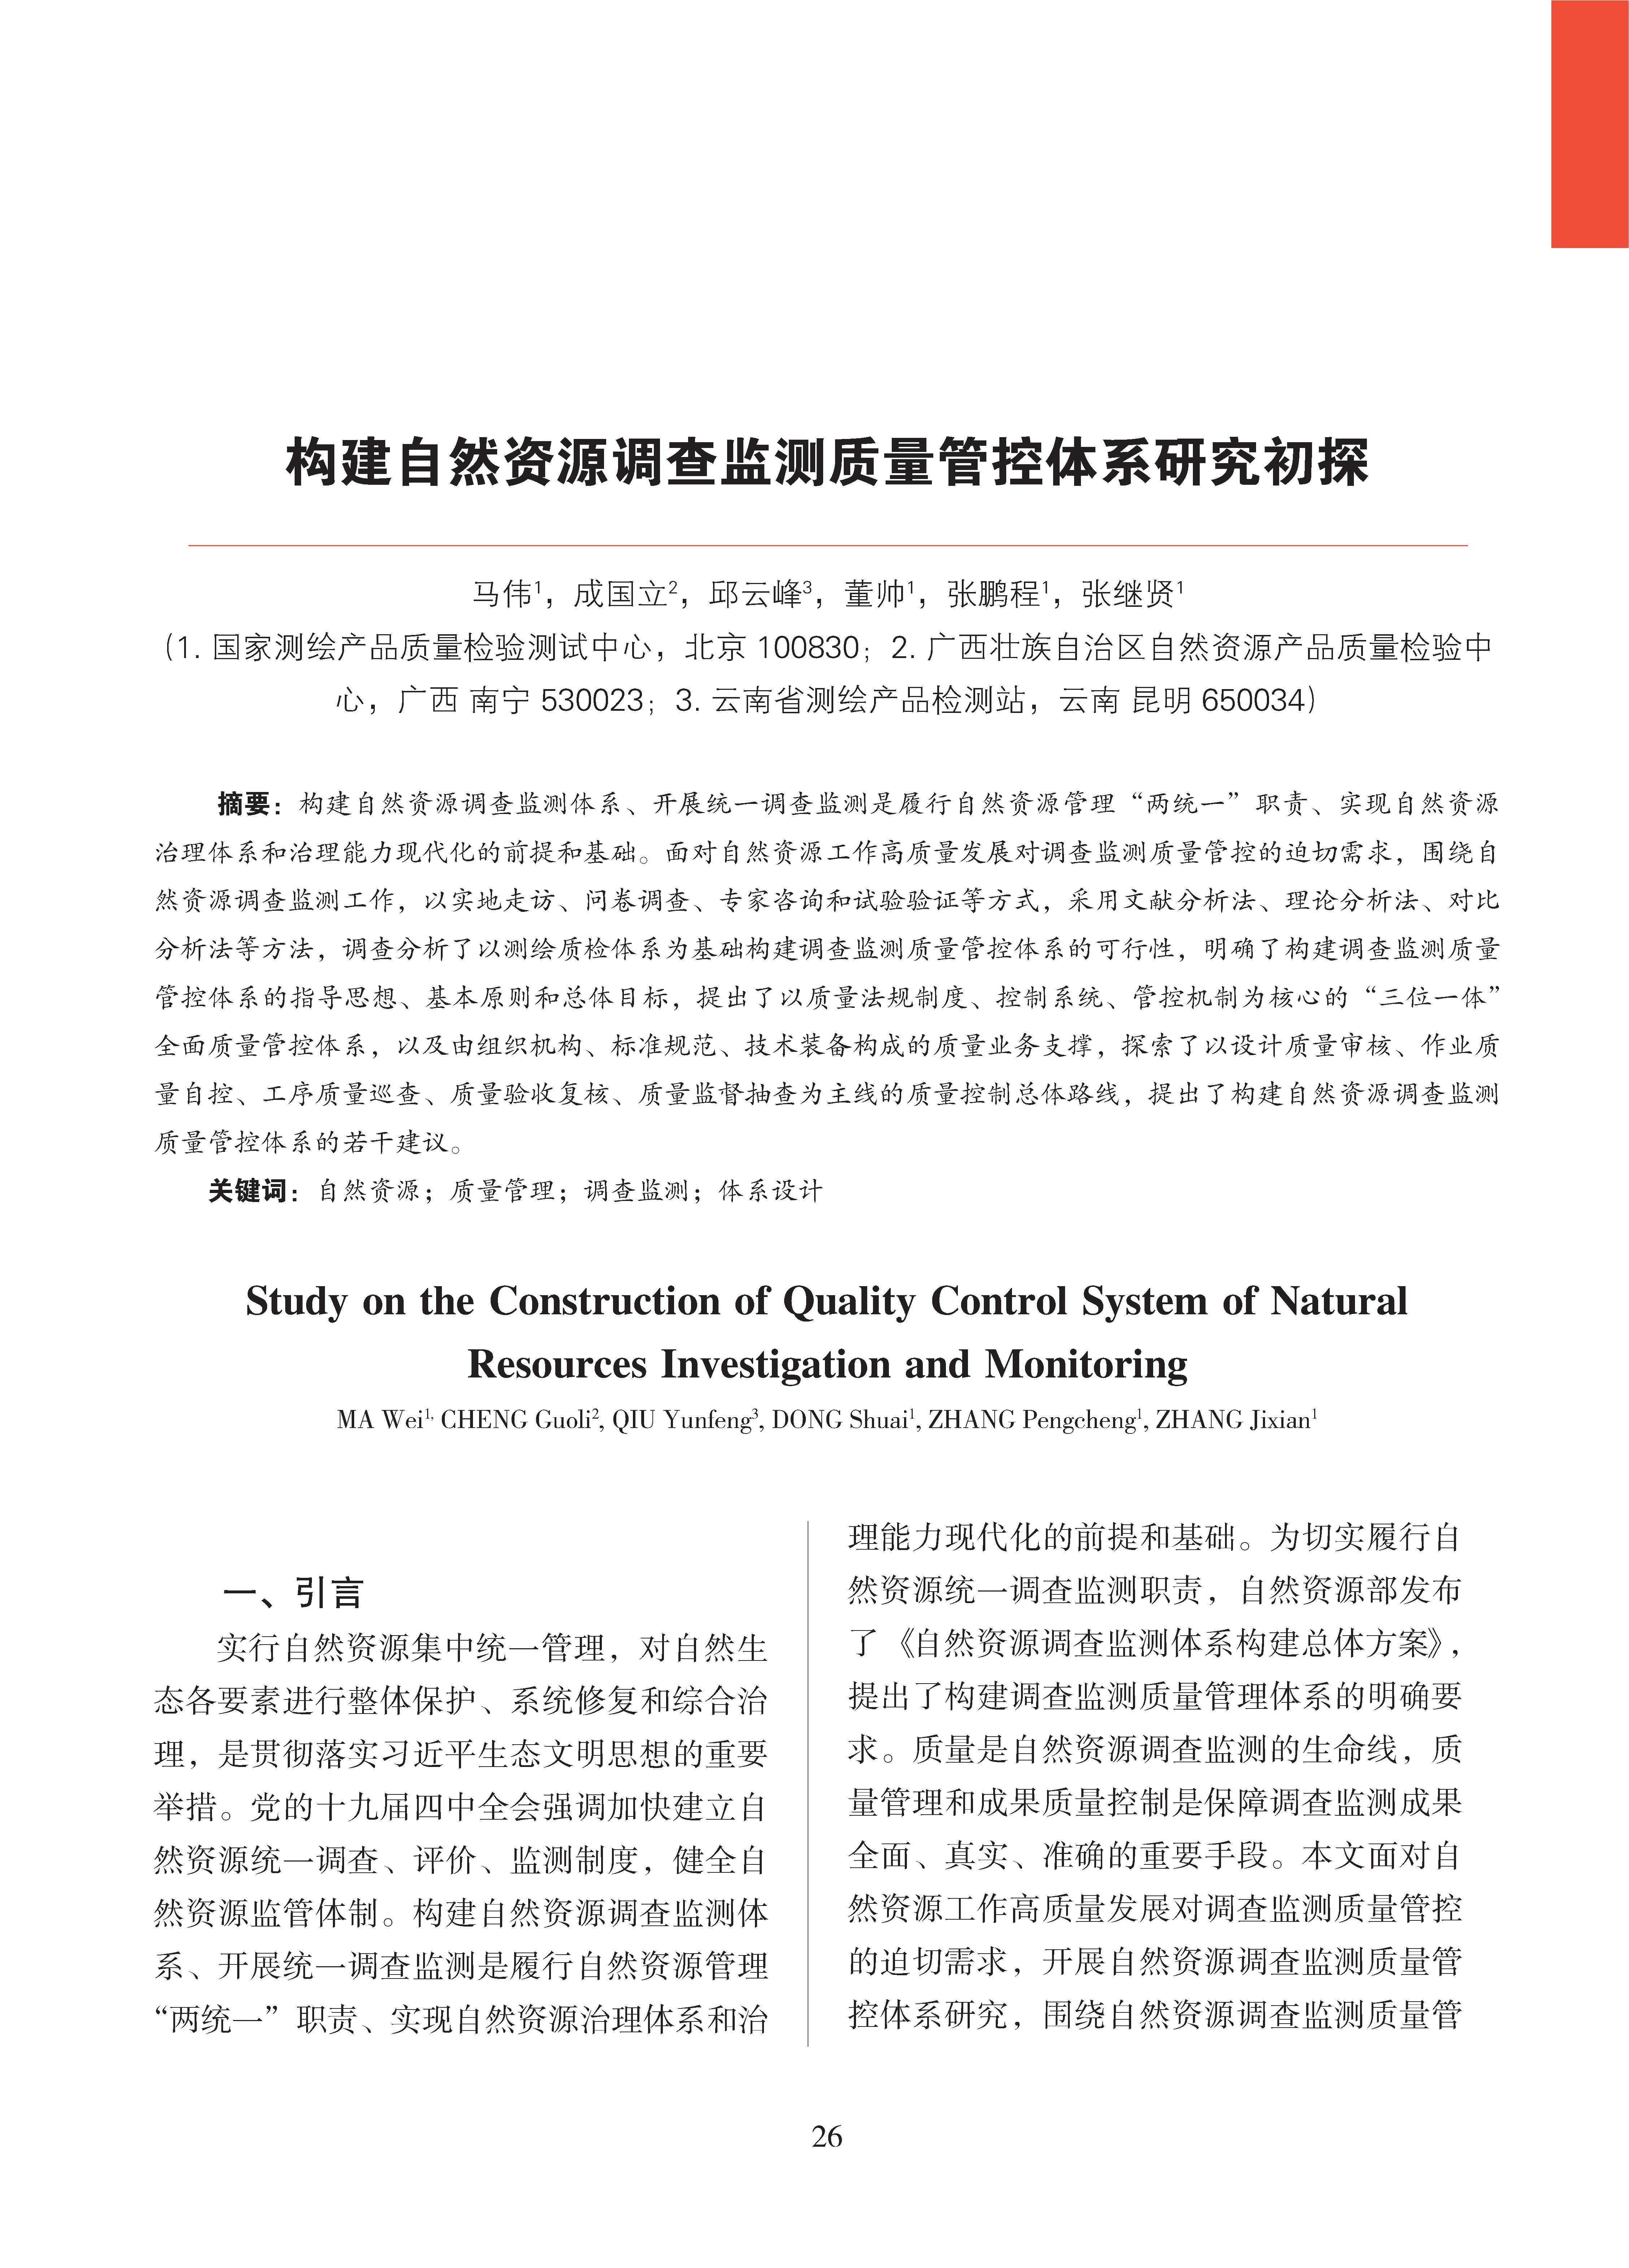 论文集2020_页面_027.png